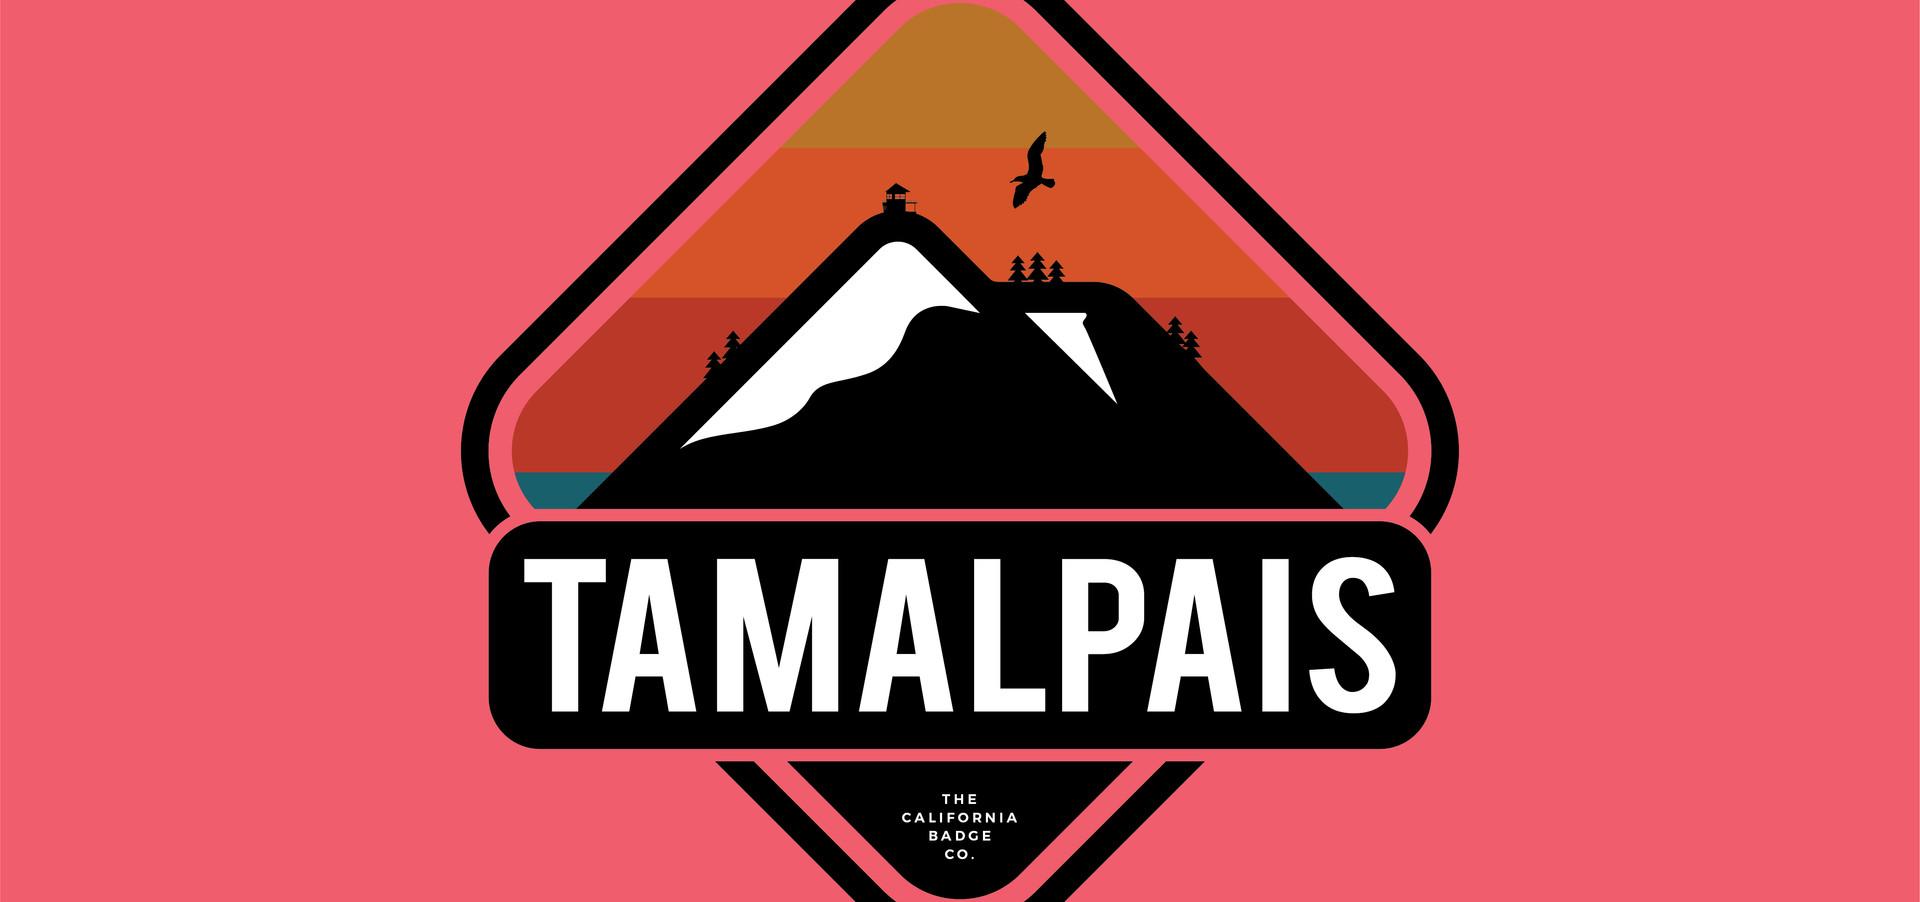 Tamalpais-badge-06.jpg